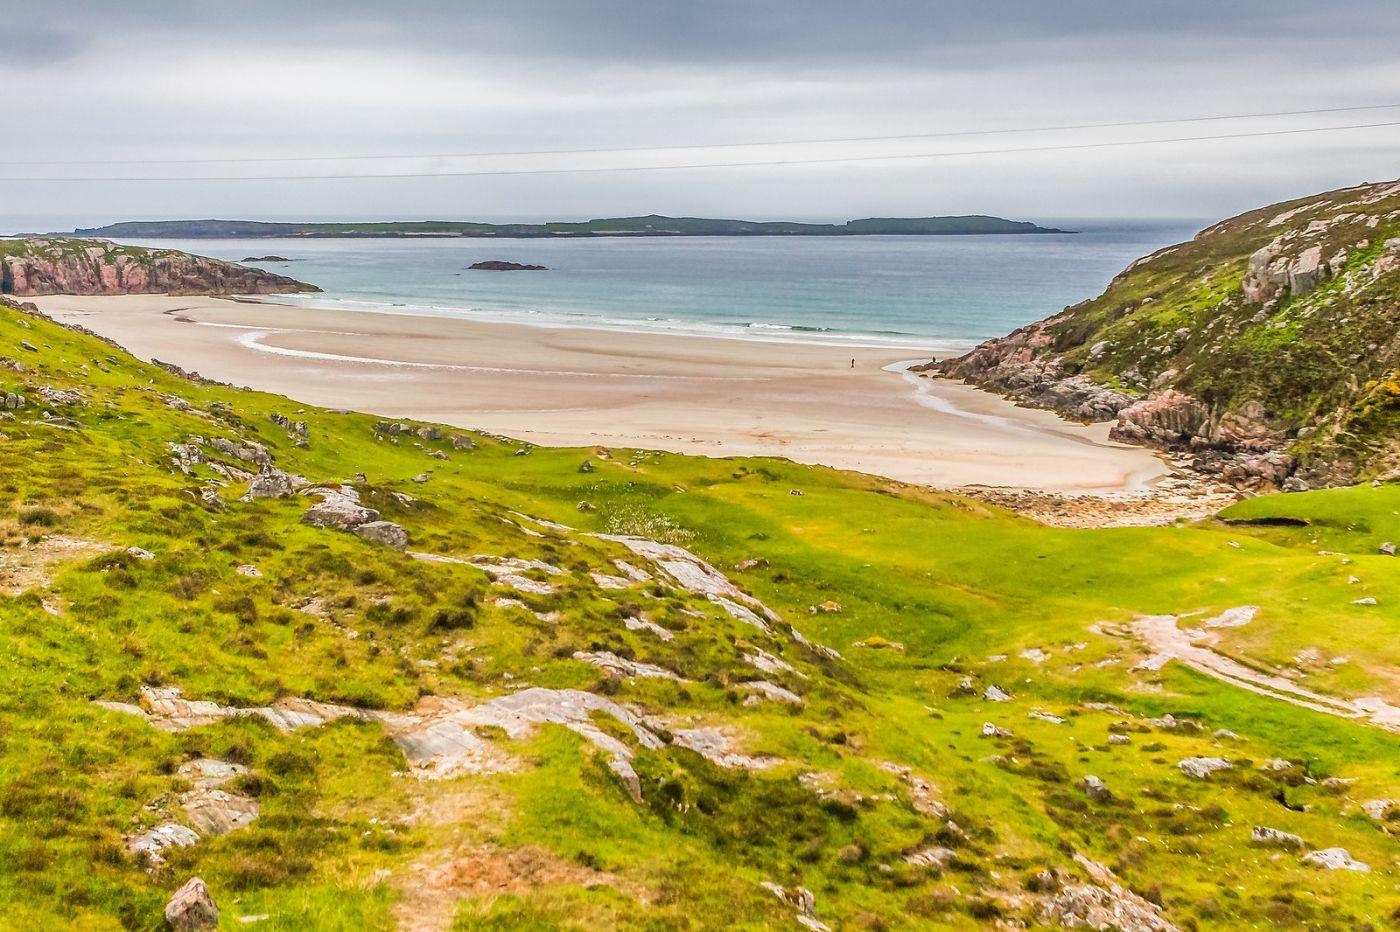 苏格兰美景,弯弯的沙滩_图1-31